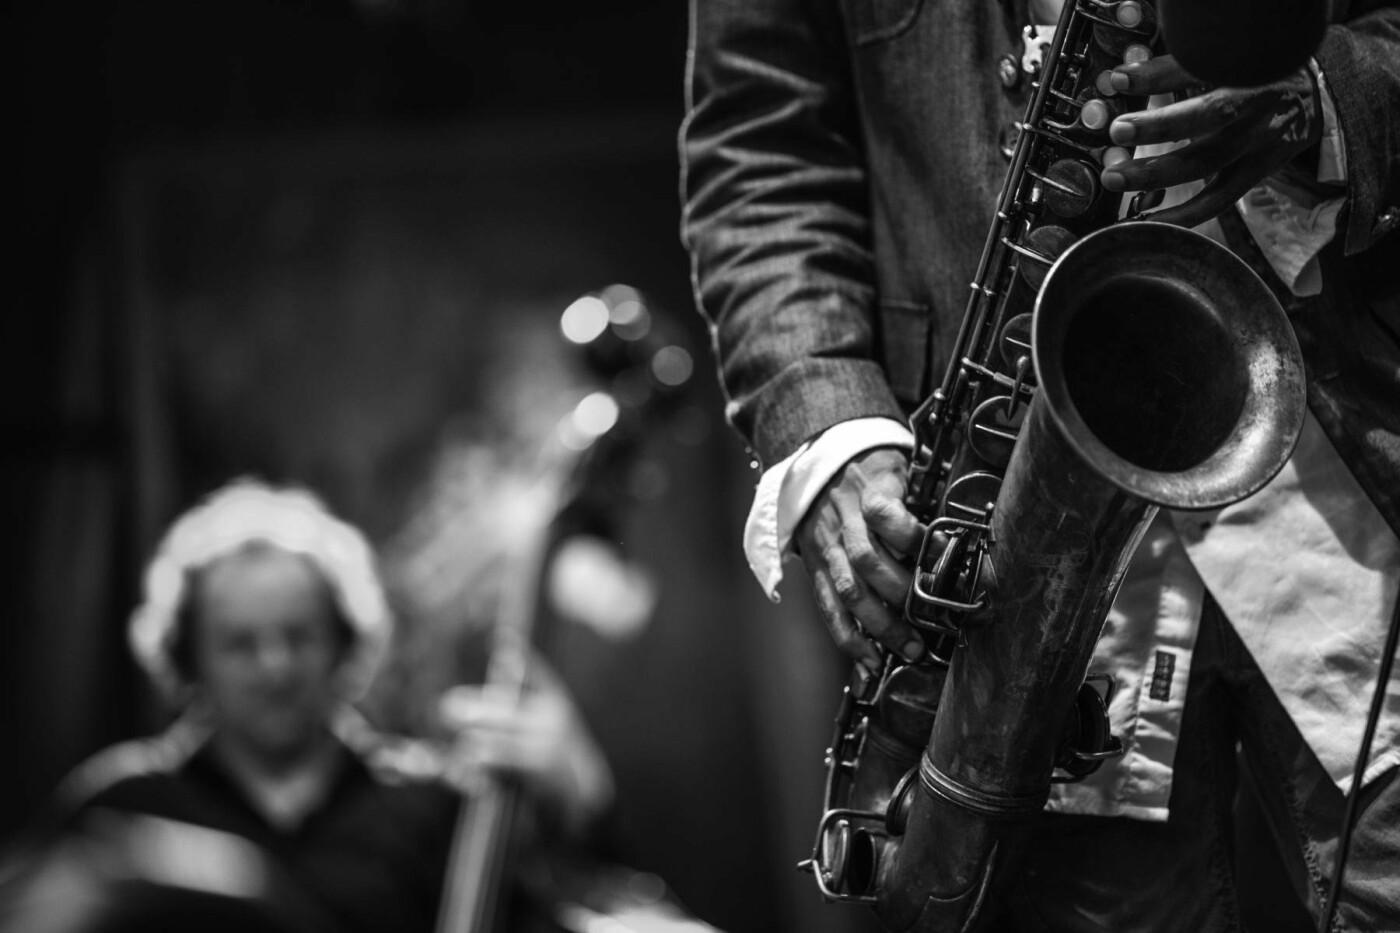 Уикенд в Актау: сальса, джазовый концерт, Сплин и Ван Гог, фото-4